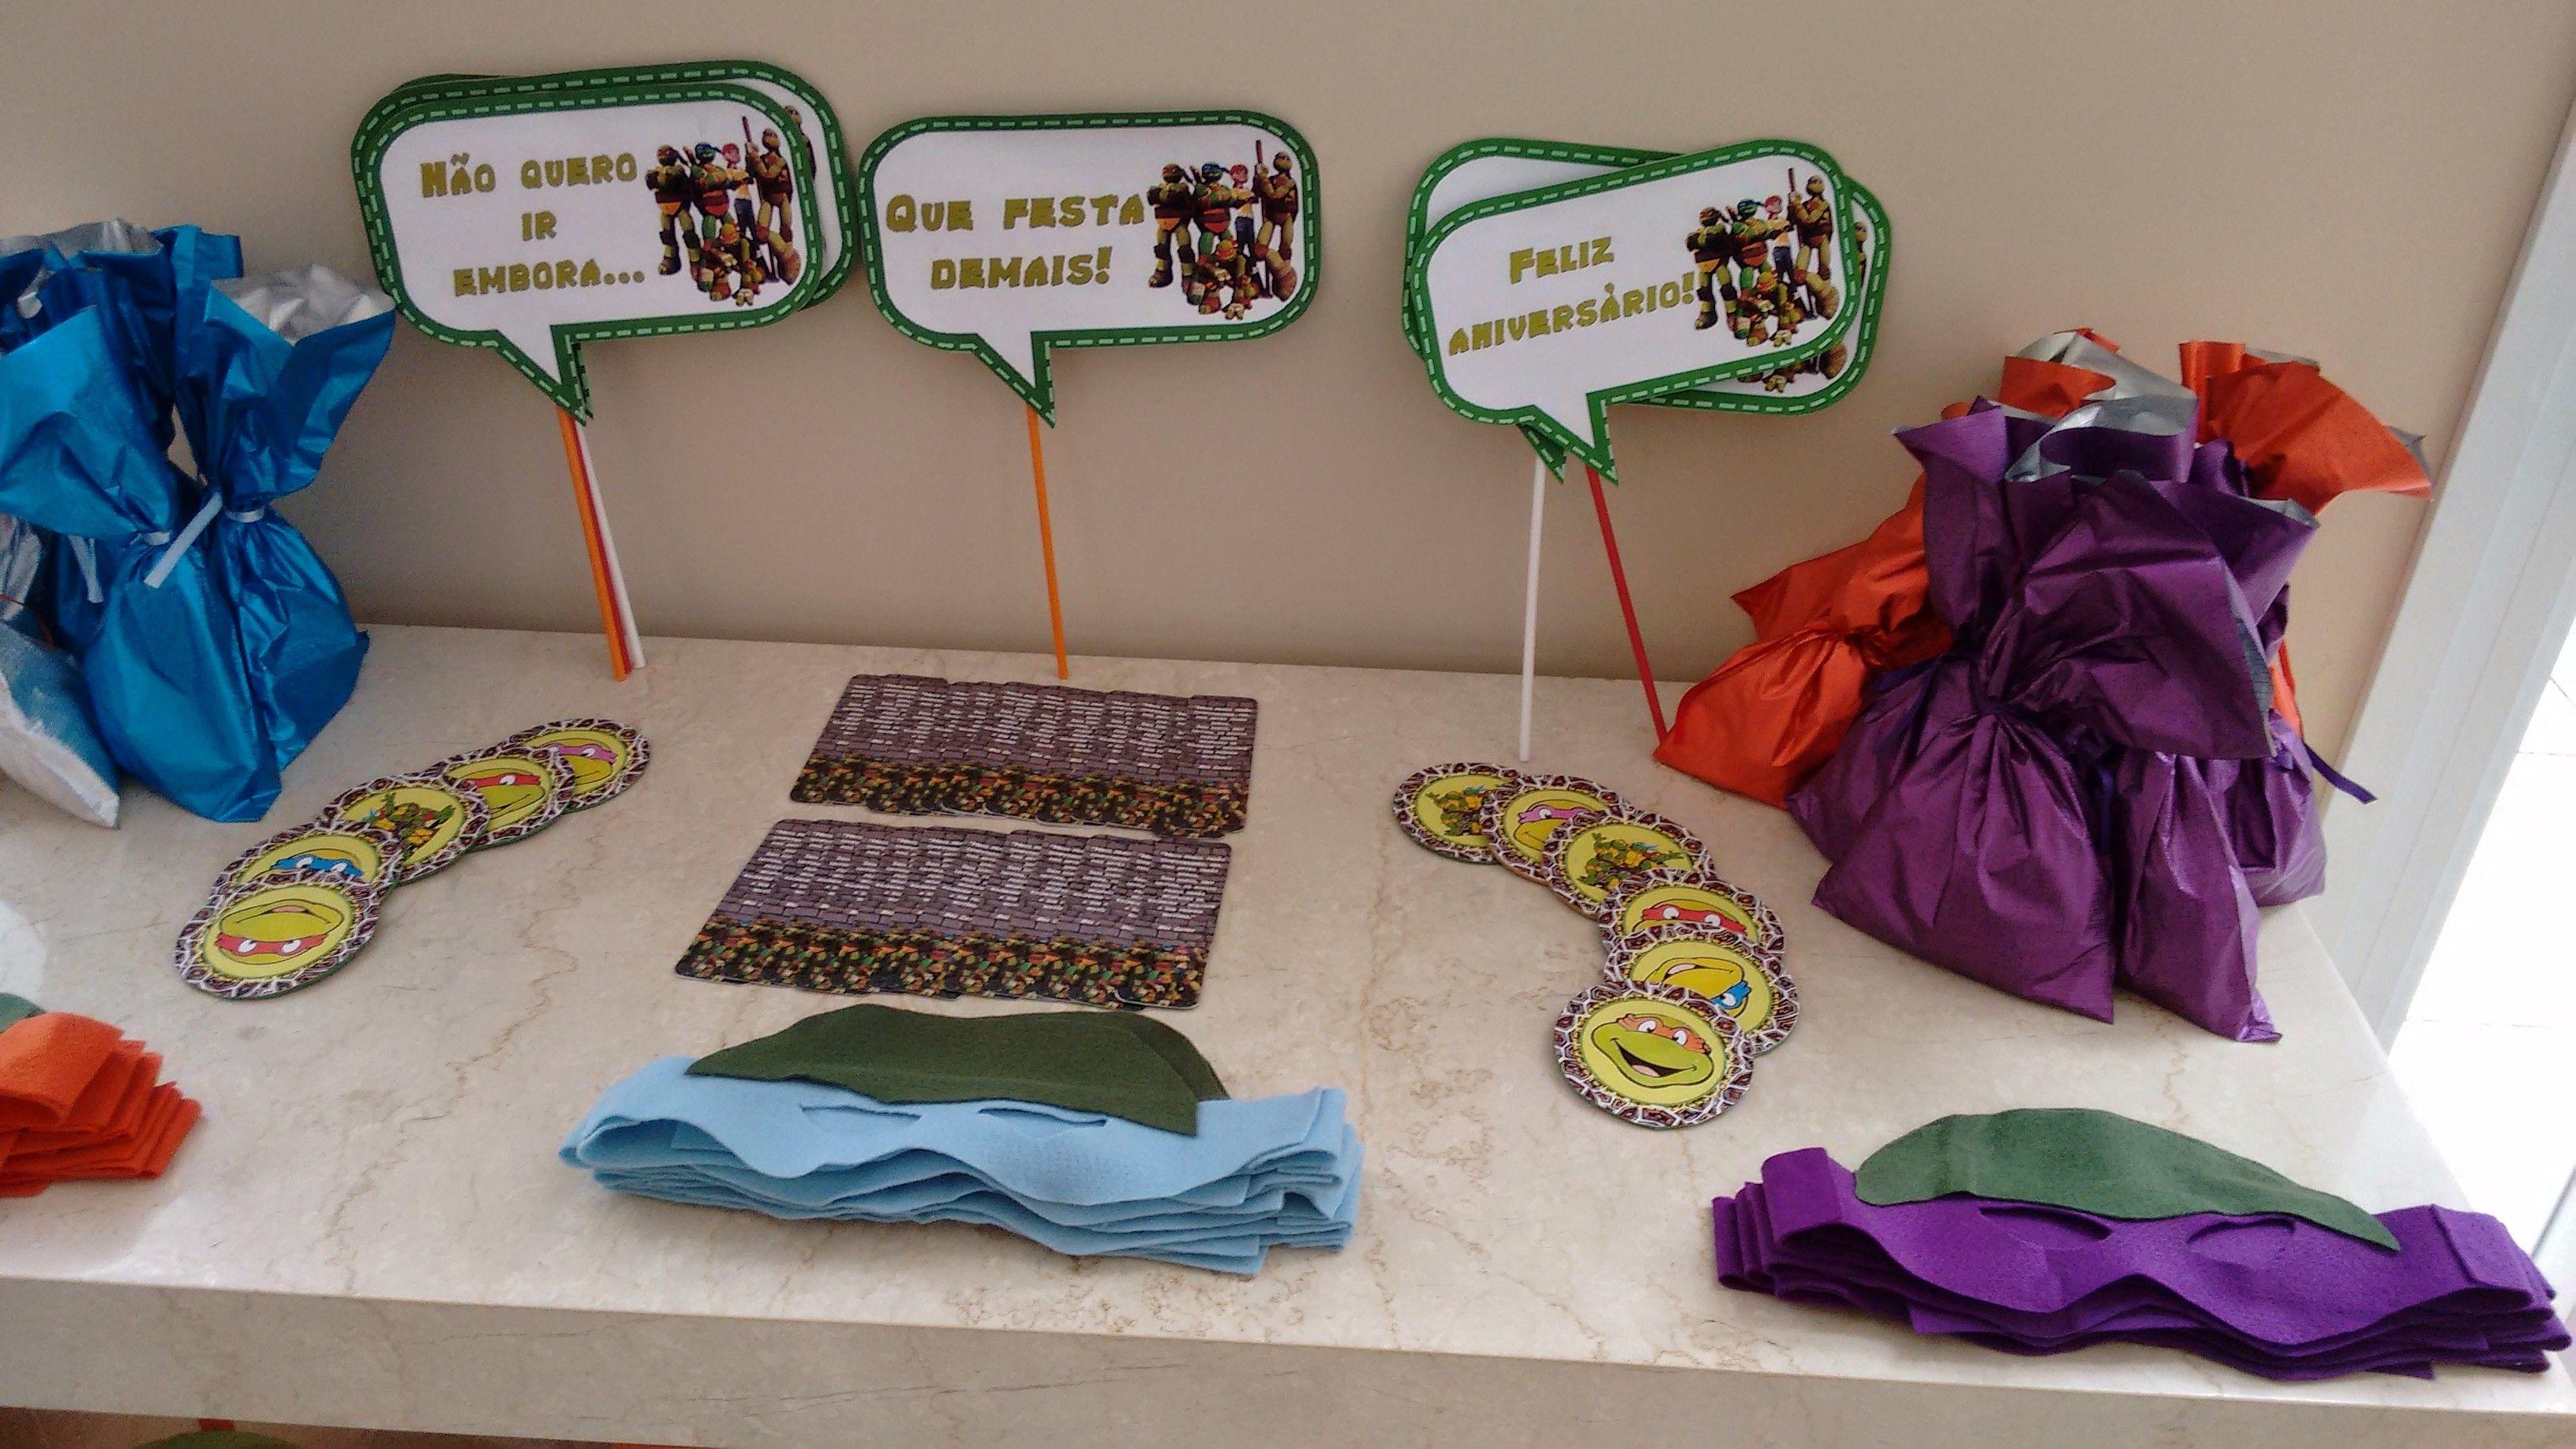 Mesa de lembrancinhas: máscaras, porta copos, placas pra tirar fotos e os saquinhos com doces não podiam faltar